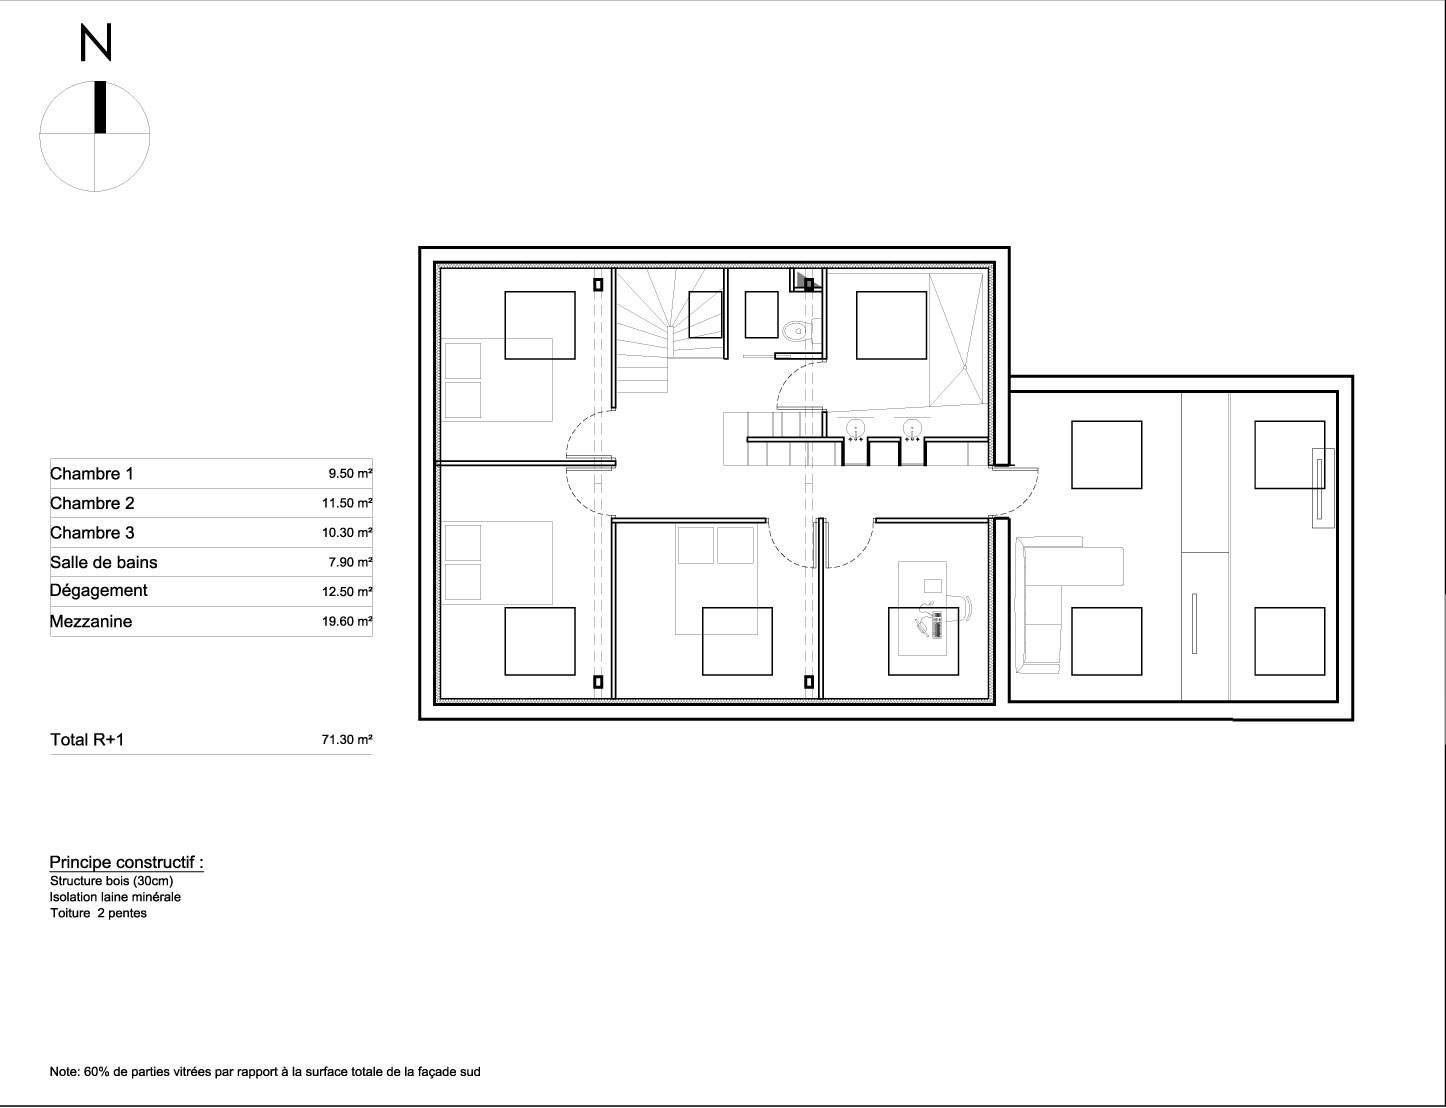 Plan maison etage plan maison etage 19 plan maison for Plan maison 1 etage